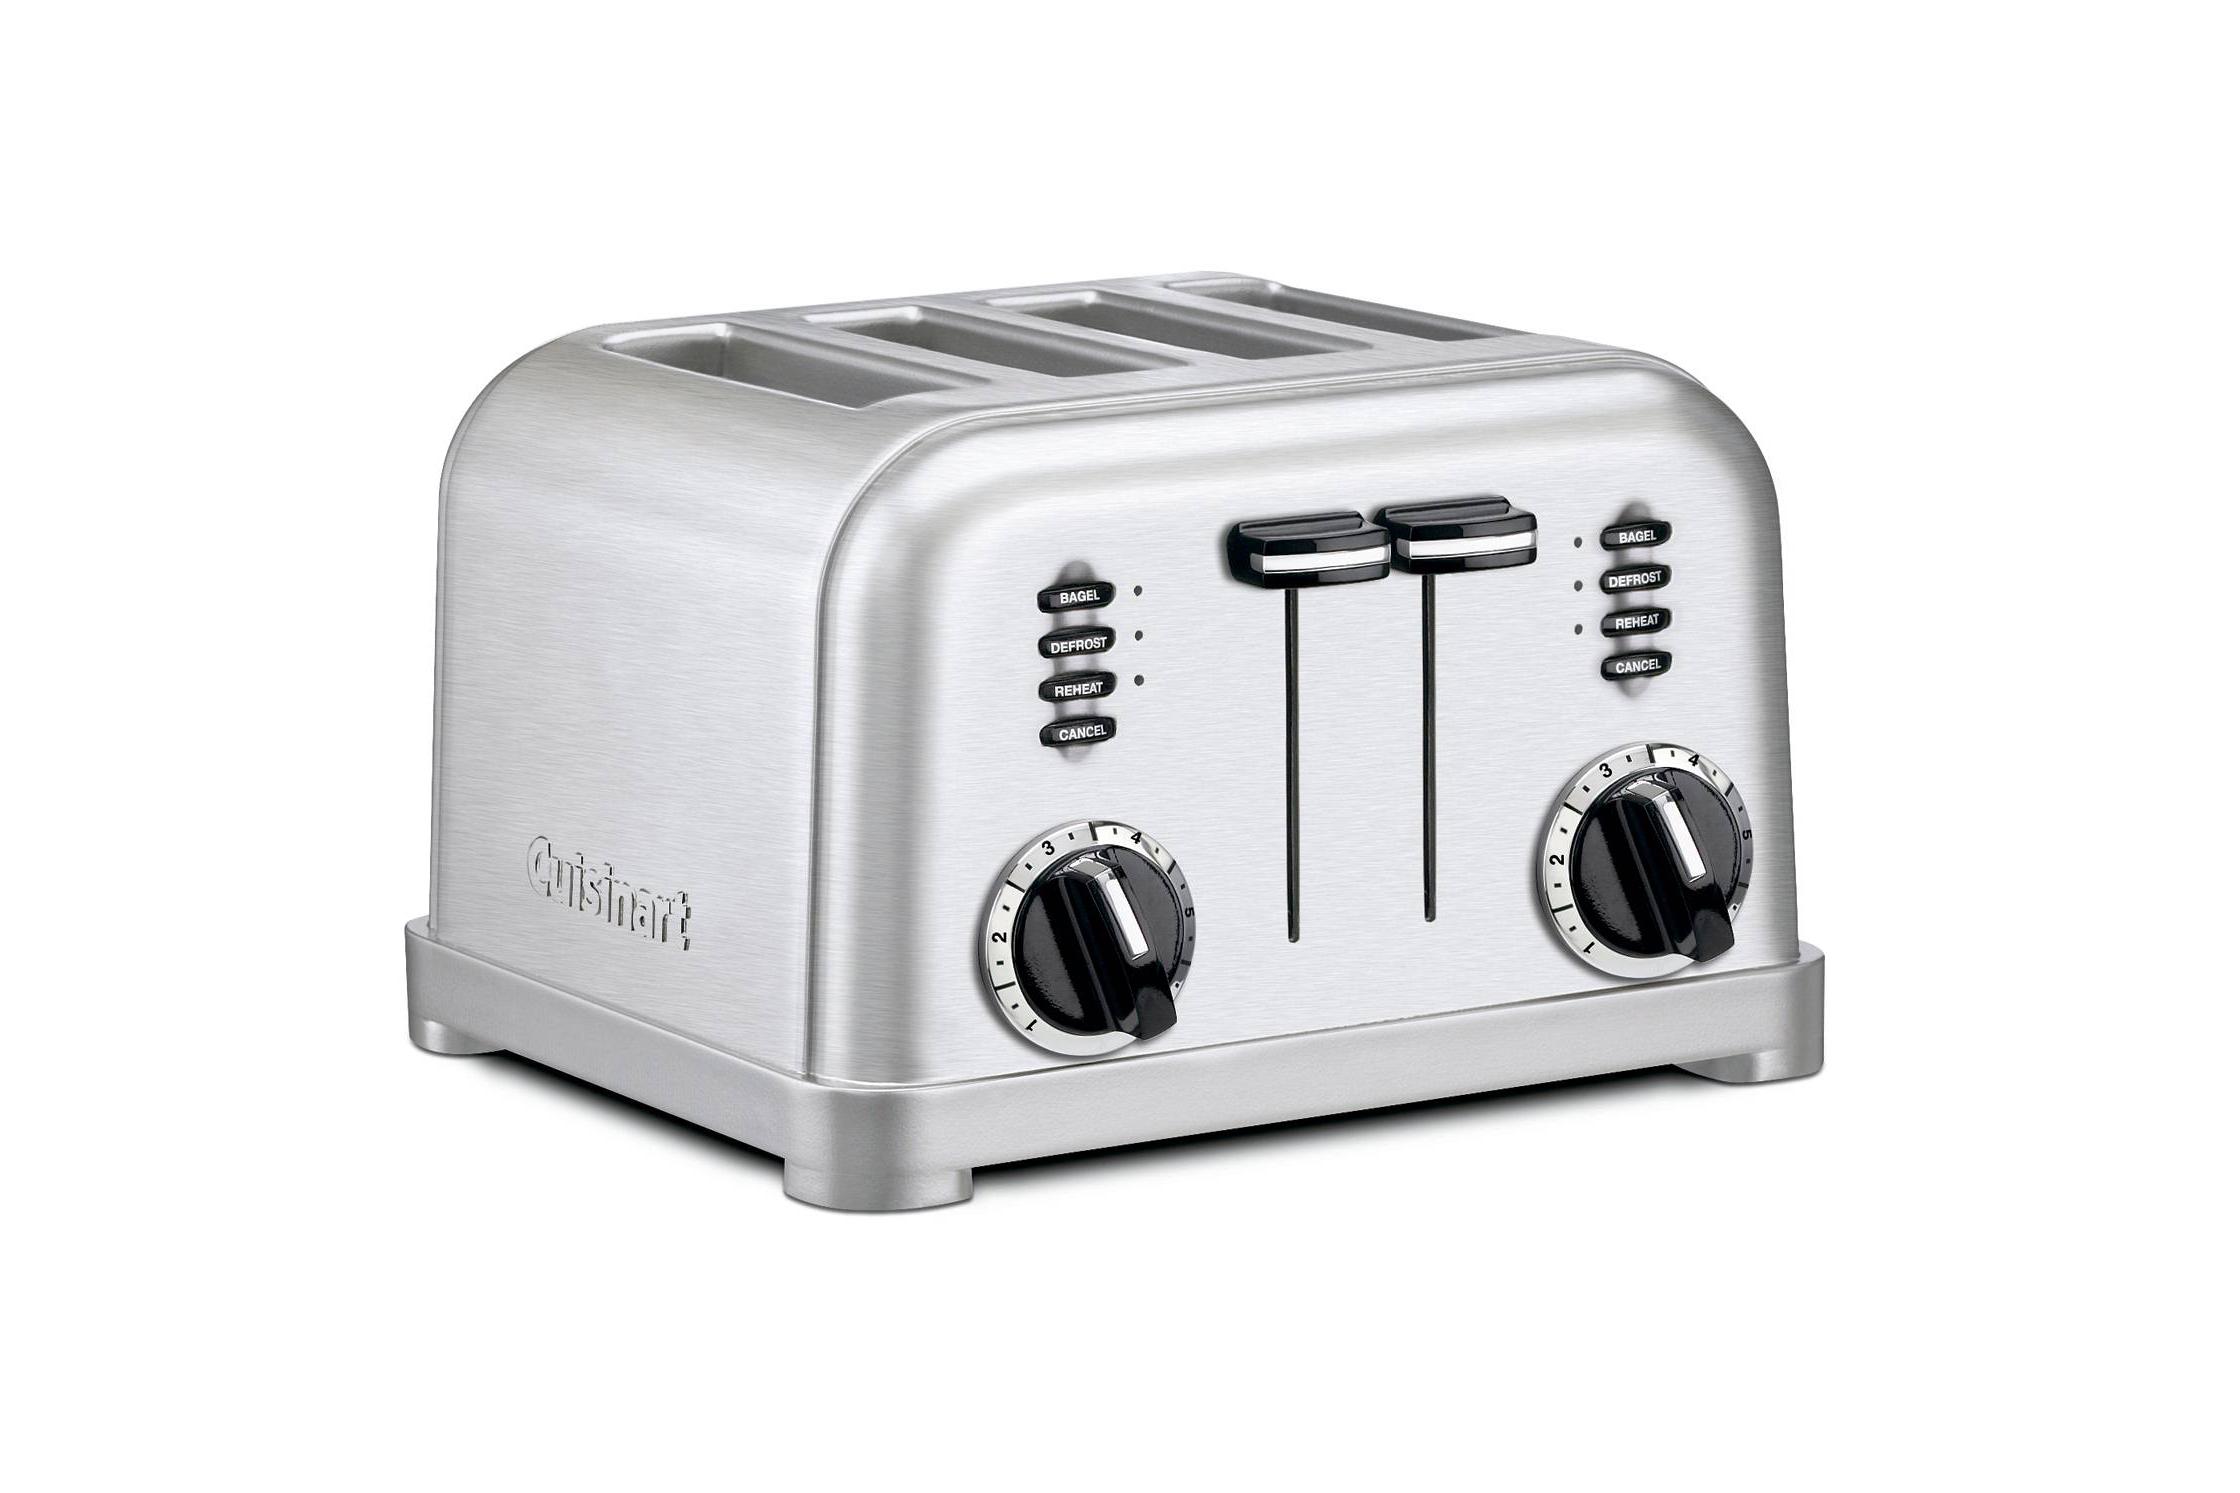 171110-target-black-friday-savings-toaster